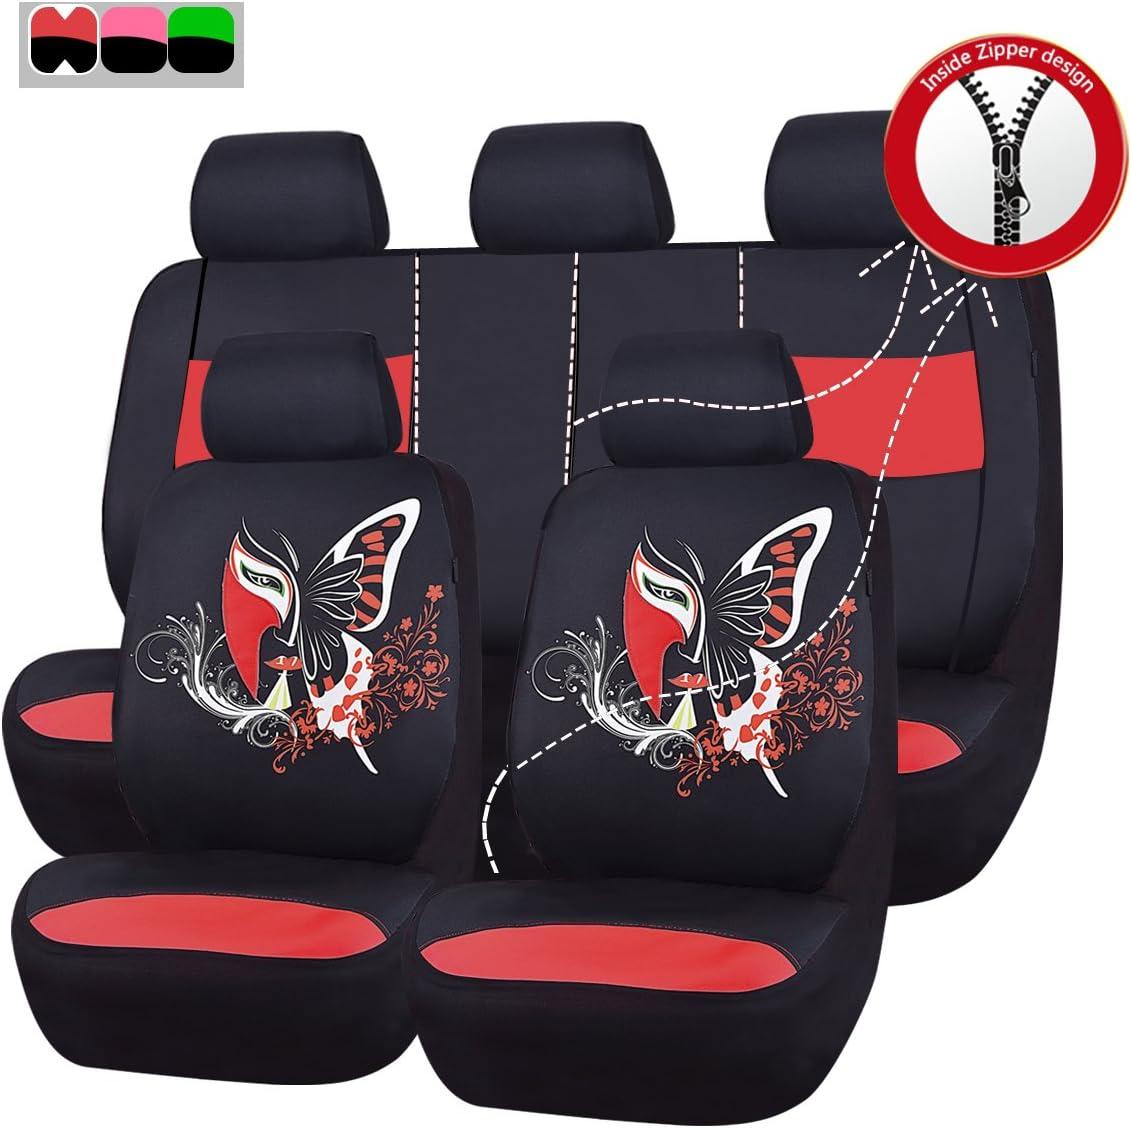 NEW Arrival Airbag Compatibile auto Pass 11/set di coprisedili universali InSPAration package-universal per veicoli auto con 5/mm composito spugna all interno